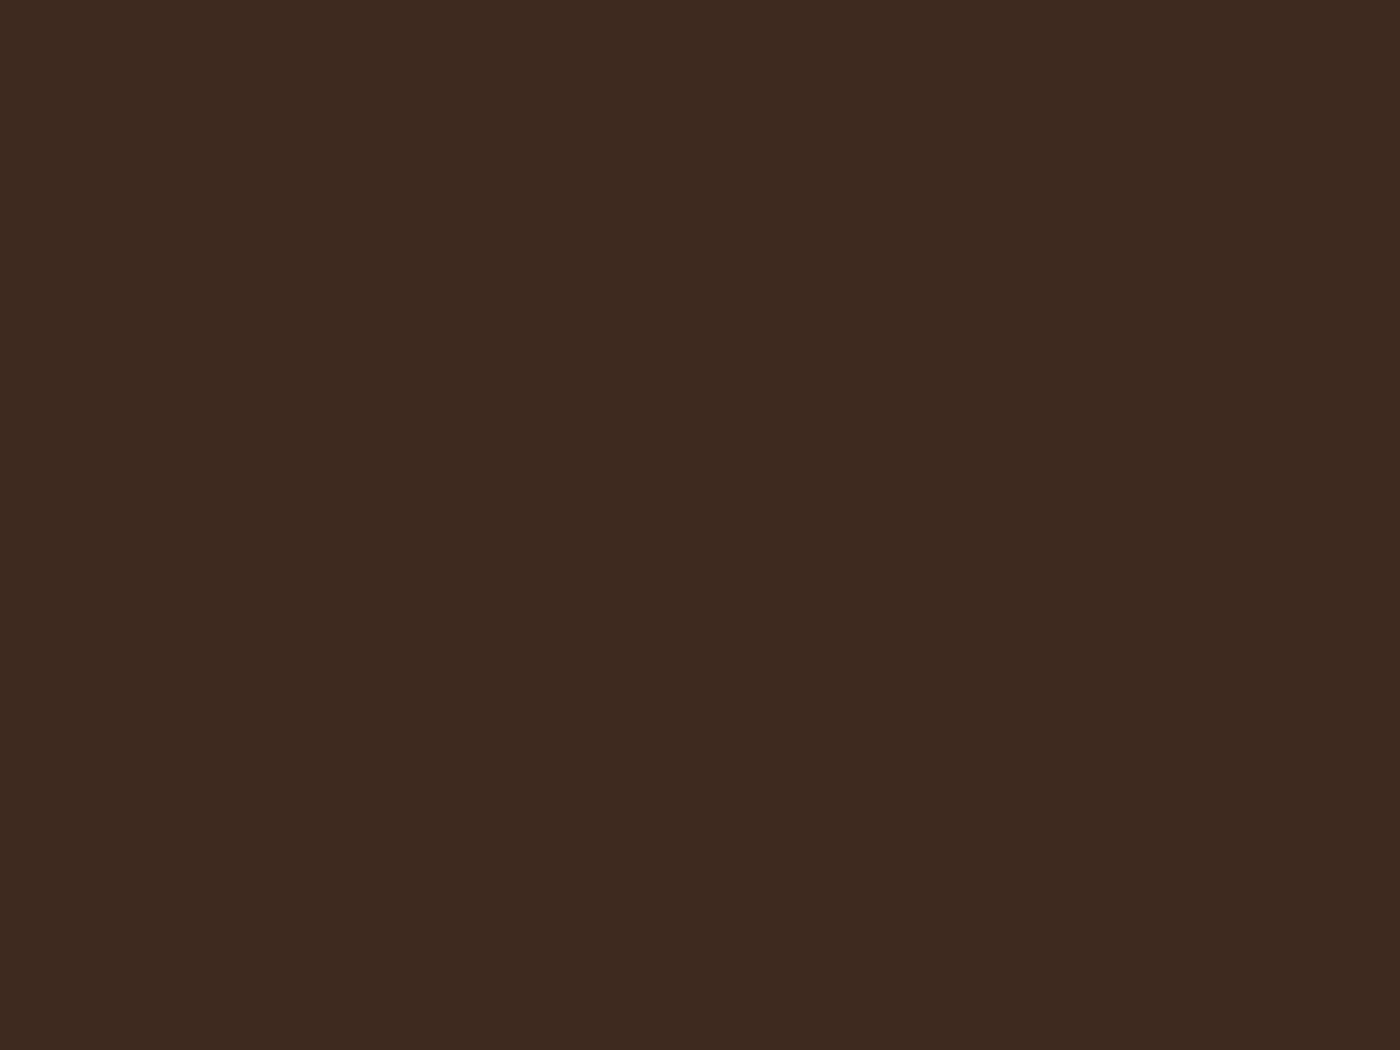 1400x1050 Bistre Solid Color Background